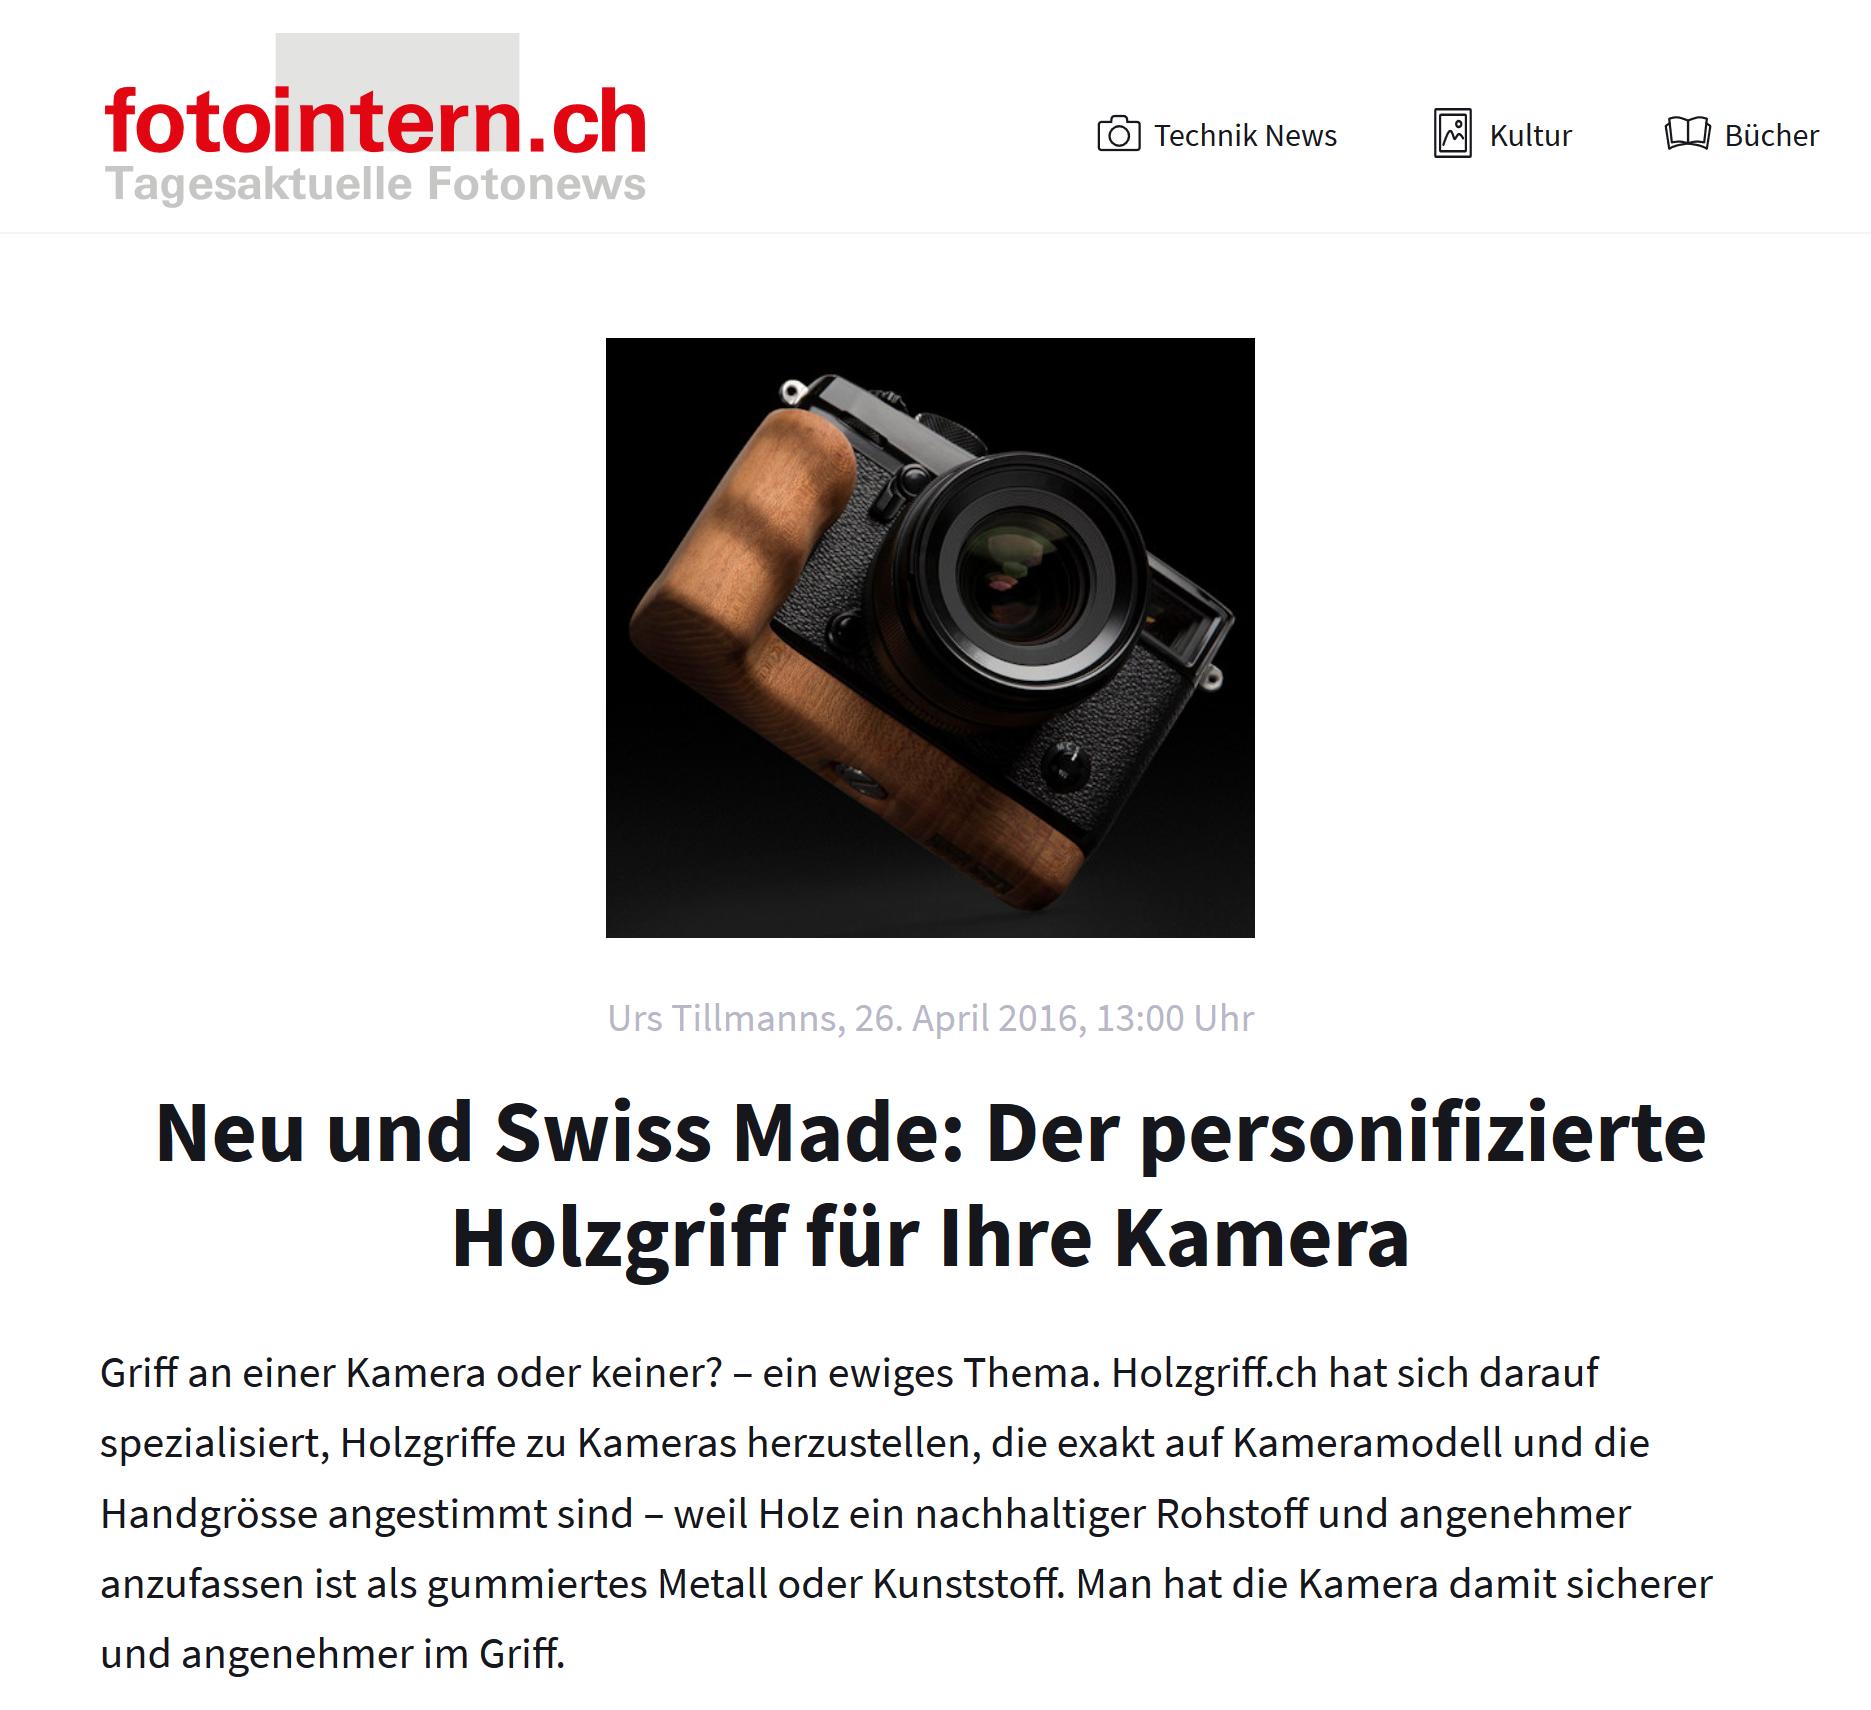 https://www.fotointern.ch/archiv/2016/04/26/neu-und-swiss-made-ihr-personifizierter-holzgriff-fuer-ihre-kamera/